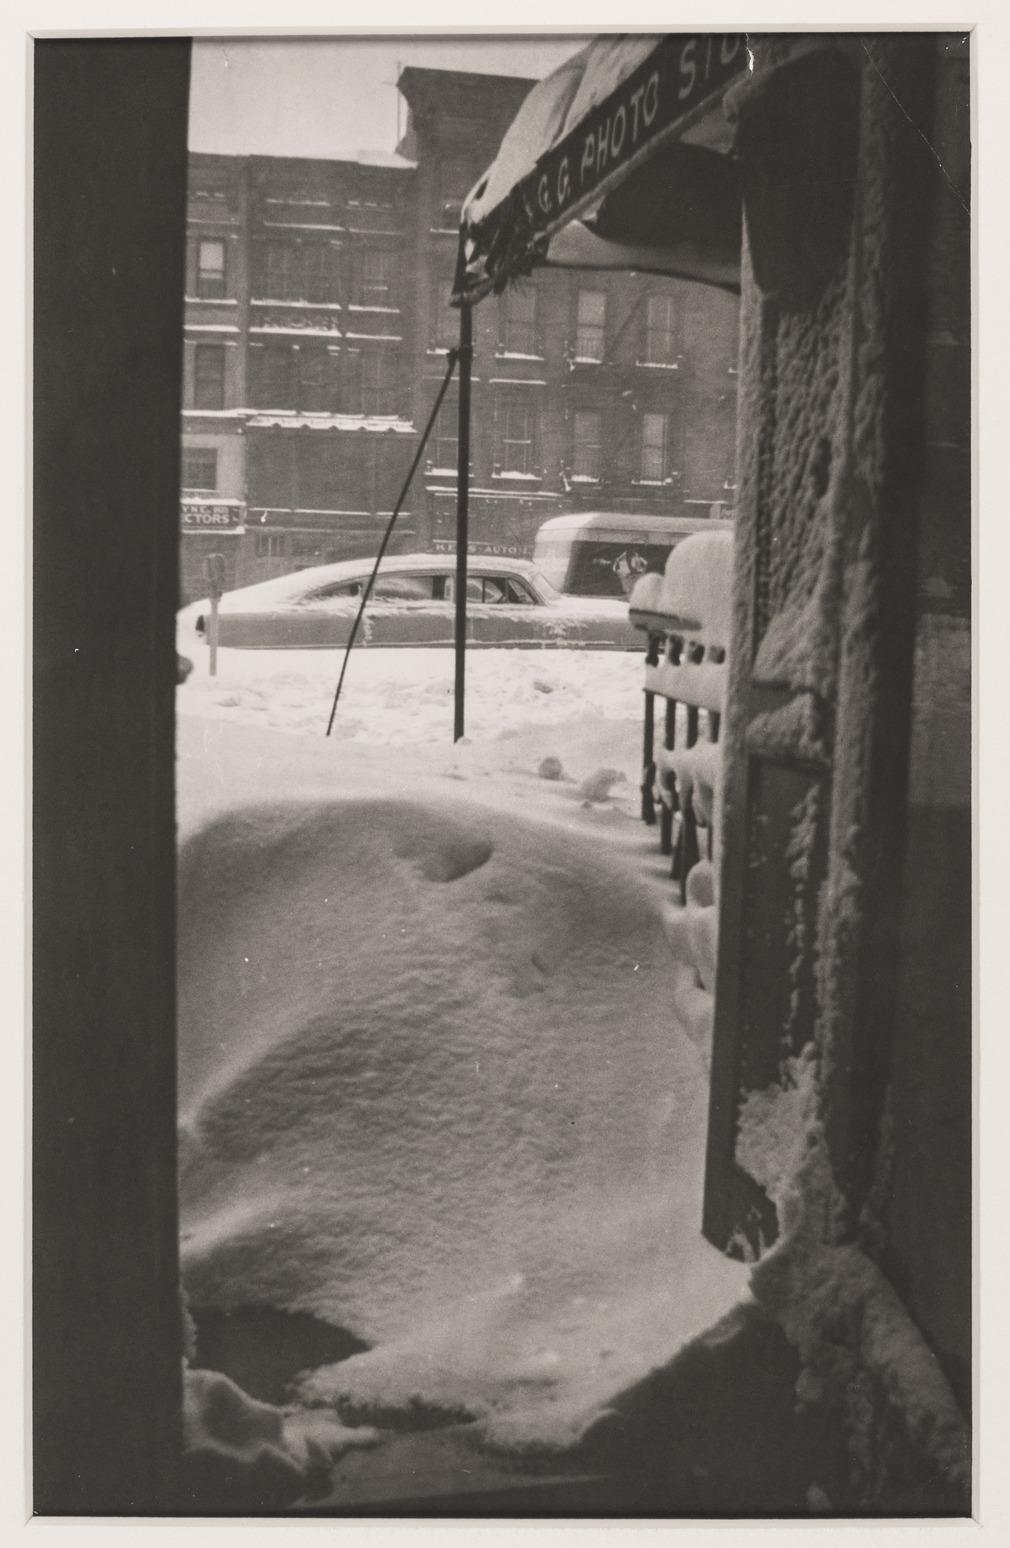 James VanDerZee  - View from the G.G.G. Studio